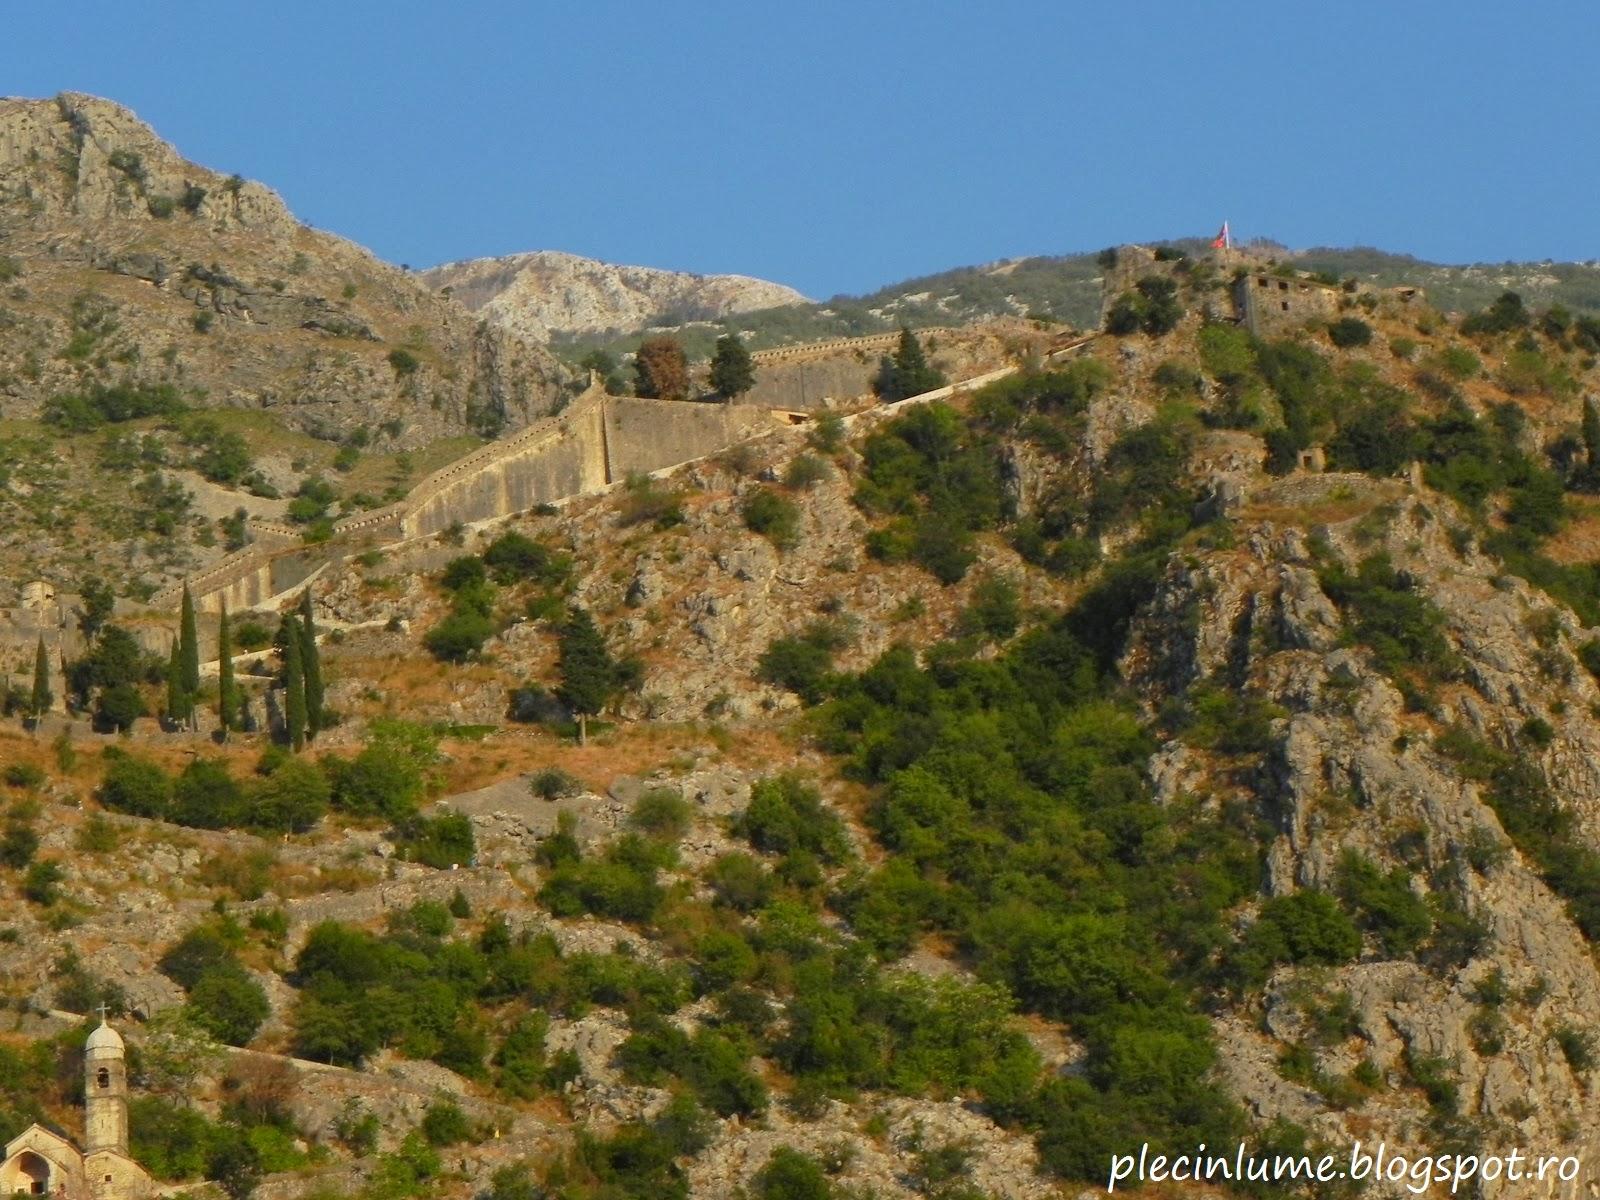 Zidurile cetatii vazute din Kotor